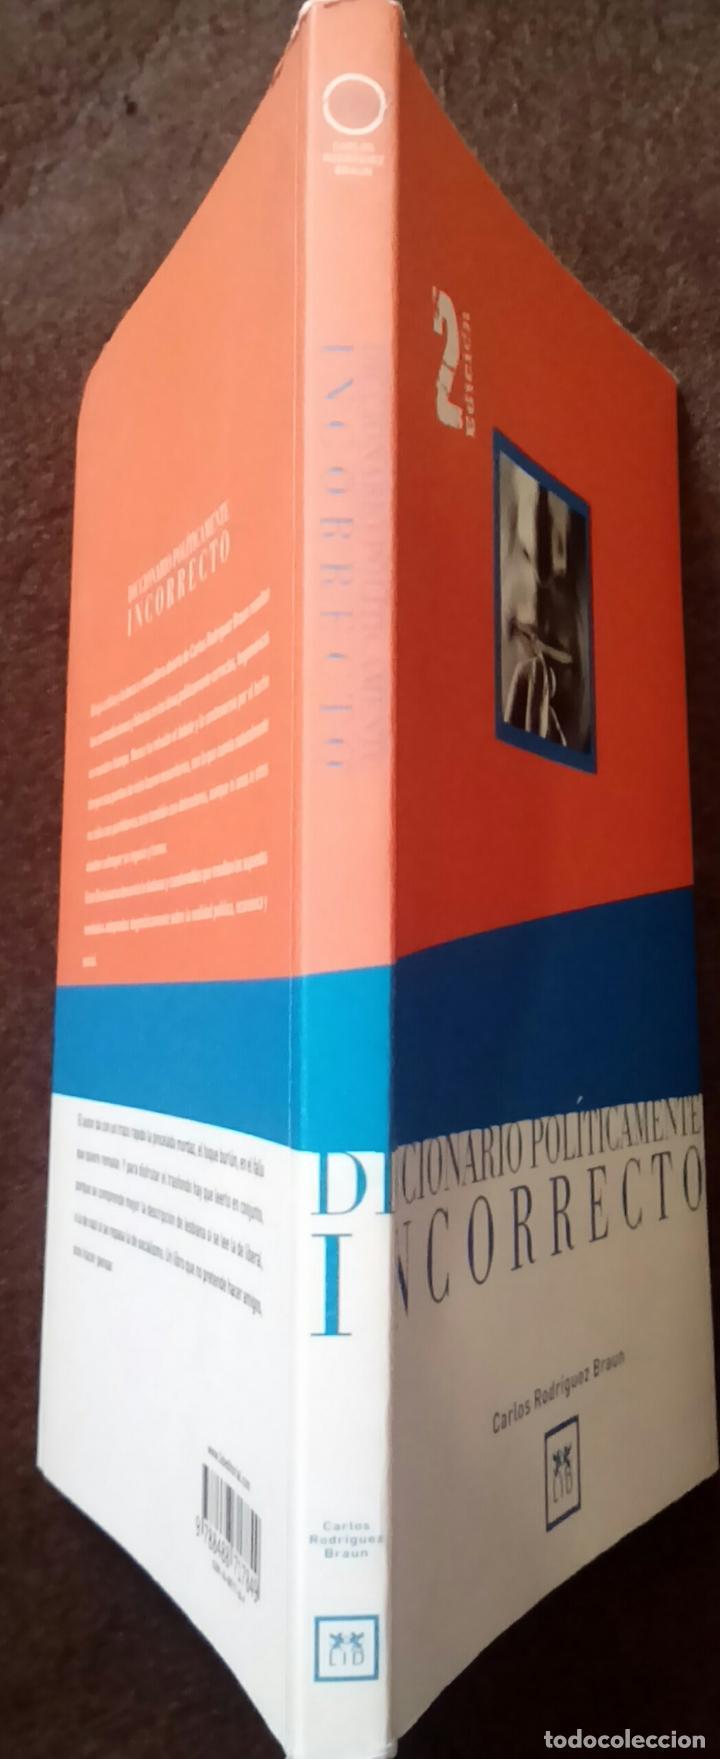 Libros de segunda mano: Diccionario políticamente incorrecto (Rodríguez Braun, Carlos) - Foto 3 - 118364171